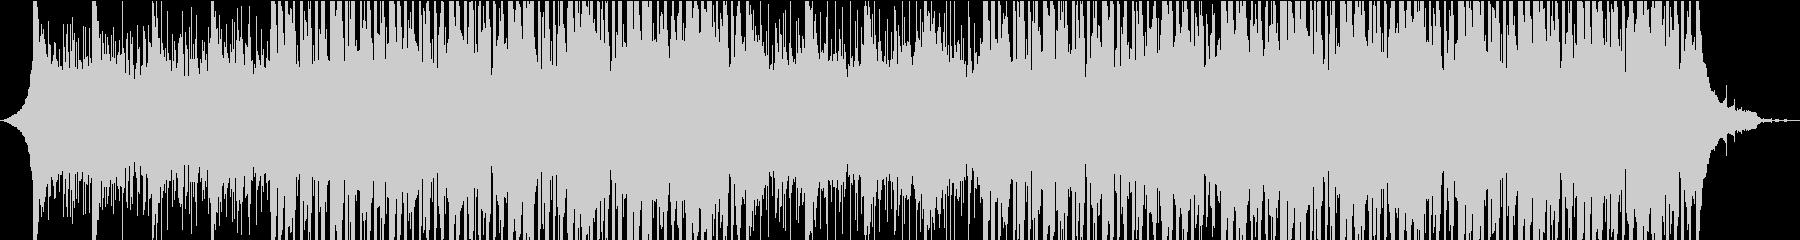 アンビエント 実験的な ほのぼの ...の未再生の波形